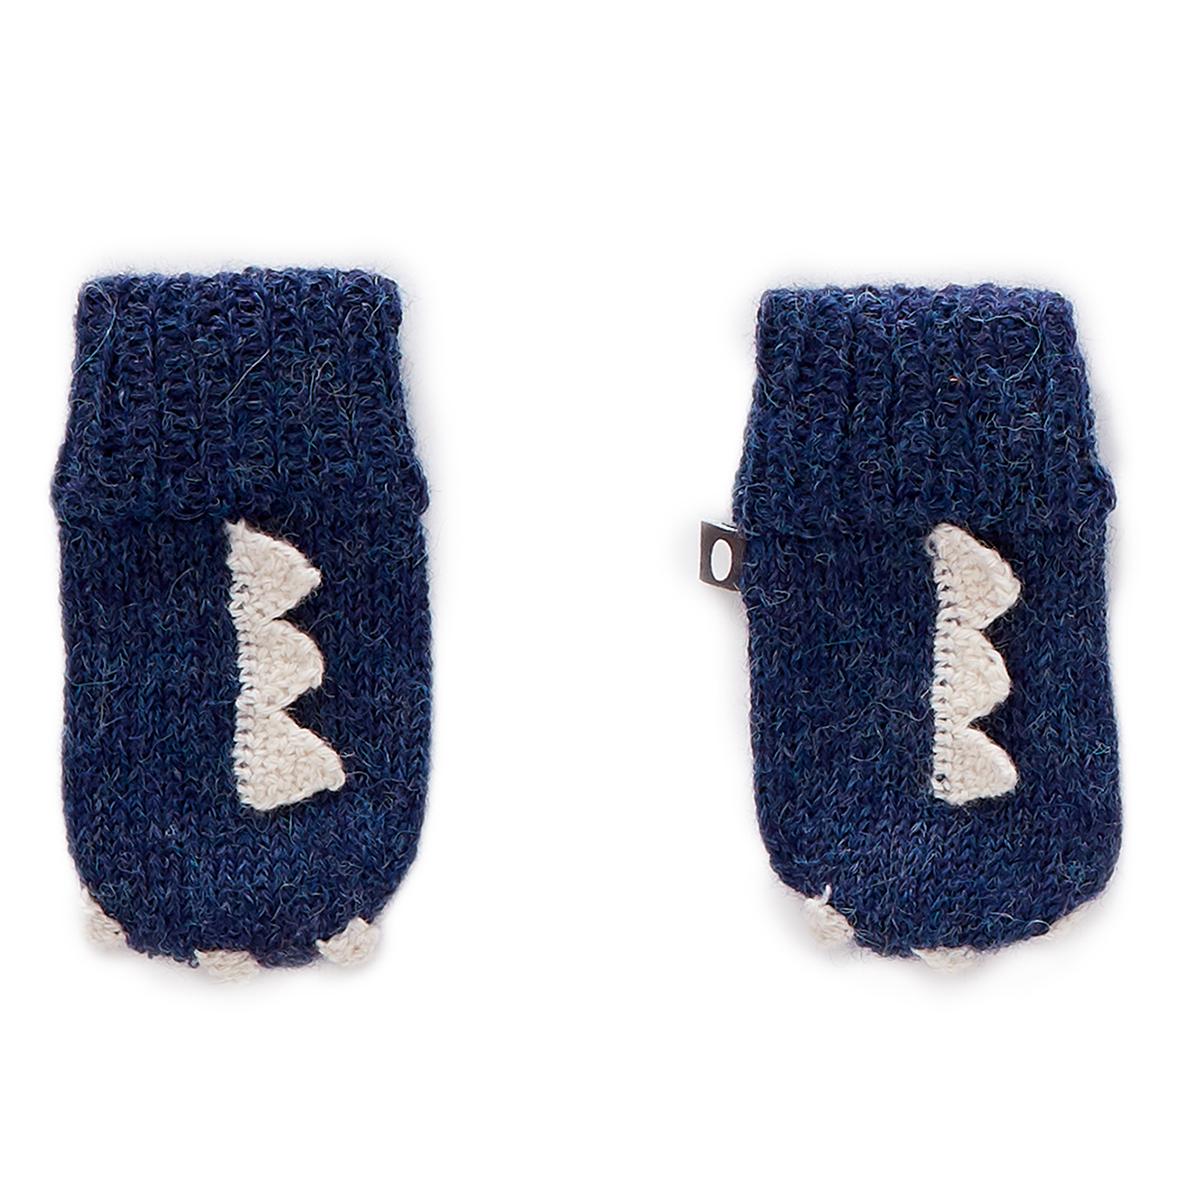 Accessoires Bébé Moufles Monstre Bleu - 0/6 Mois Moufles Monstre Bleu - 0/6 Mois